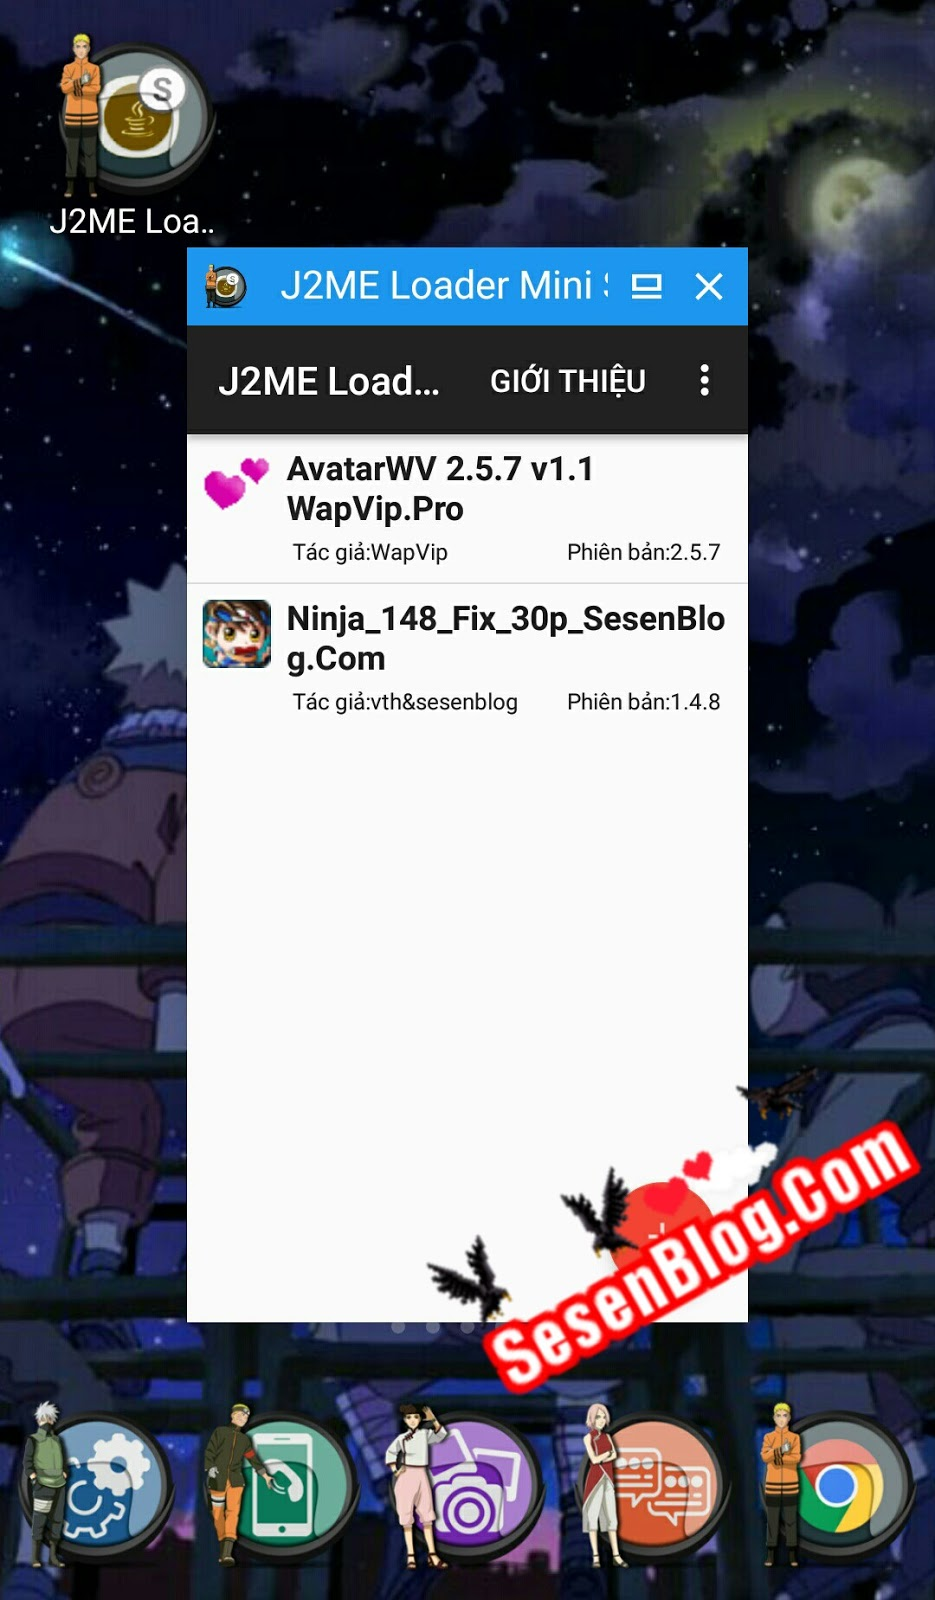 J2ME Loader - Giả Lập Java Trên Android Tốt Nhất Và Bản Thu Nhỏ Cực Hay